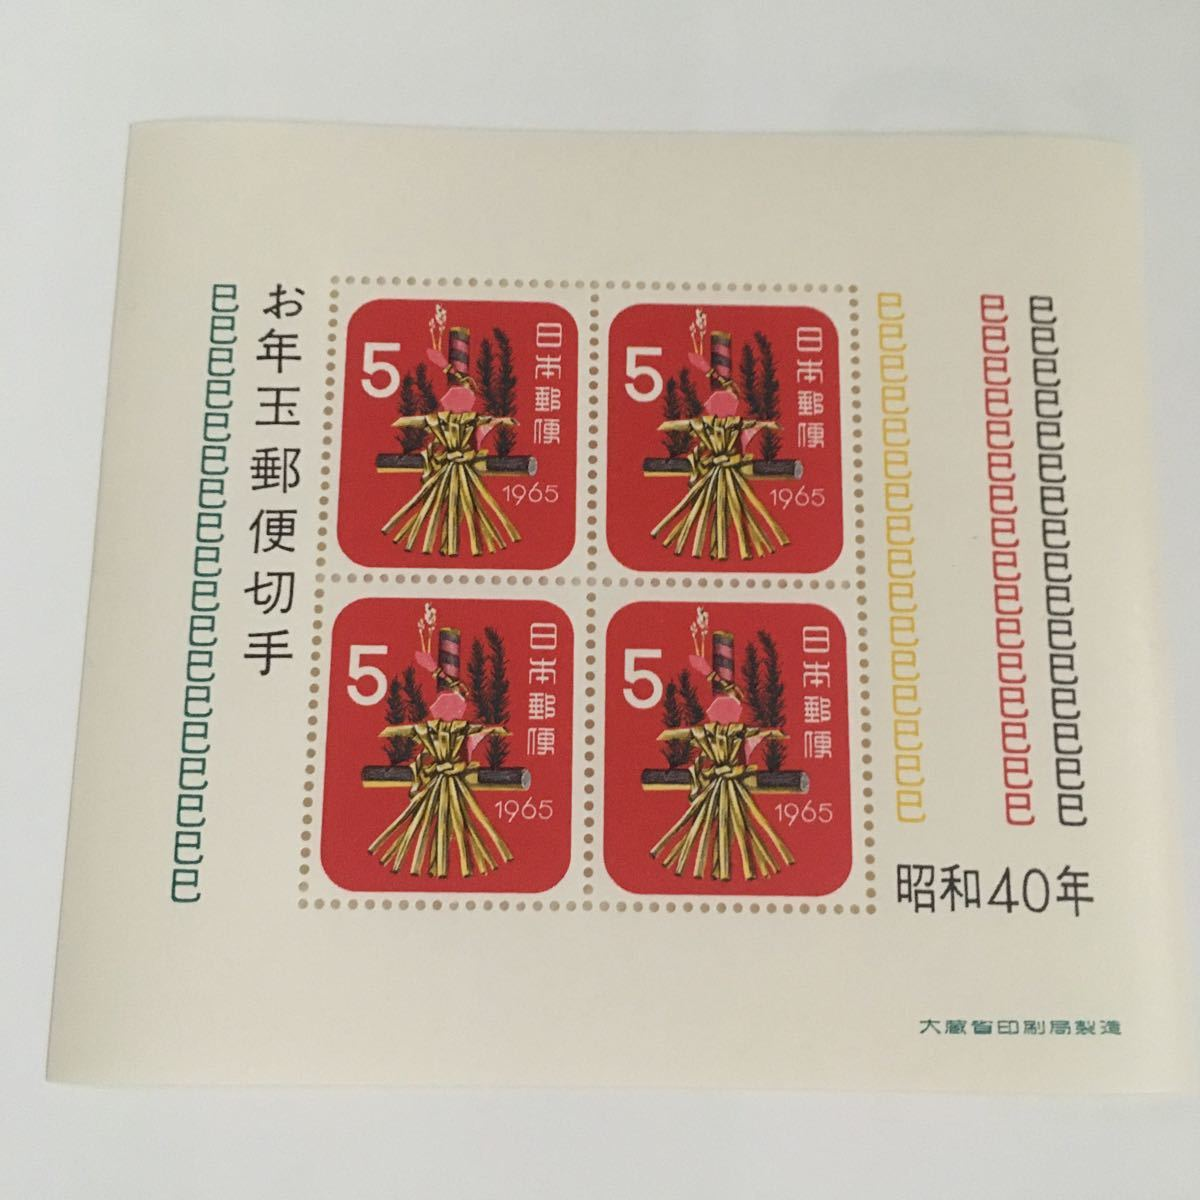 年賀切手 お年玉小型シート 麦わらヘビ 1964